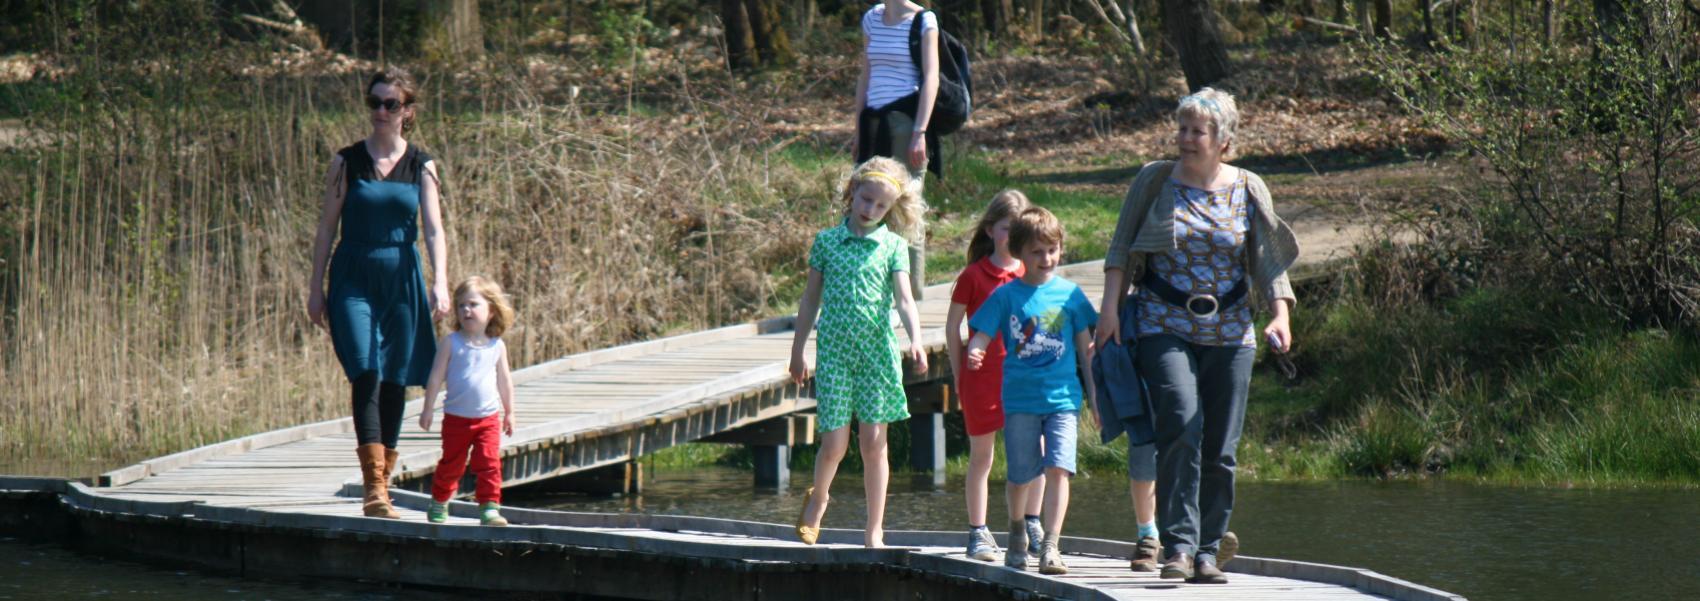 wandelaars op het vlonderpad over het water